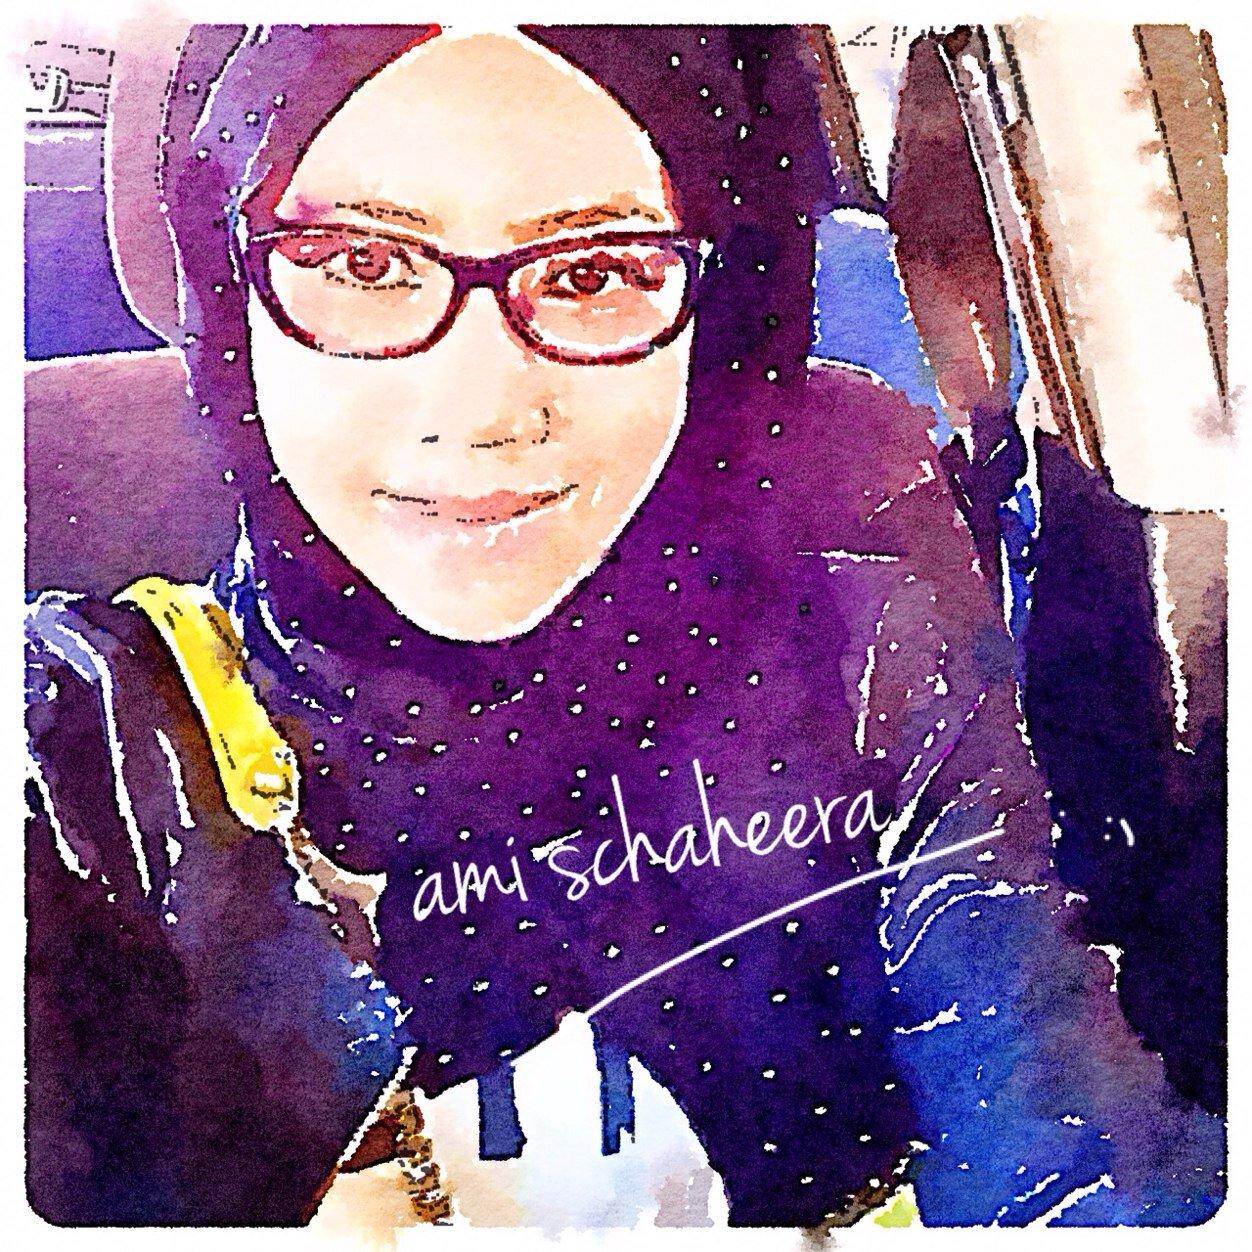 Ami Schaheera Social Profile